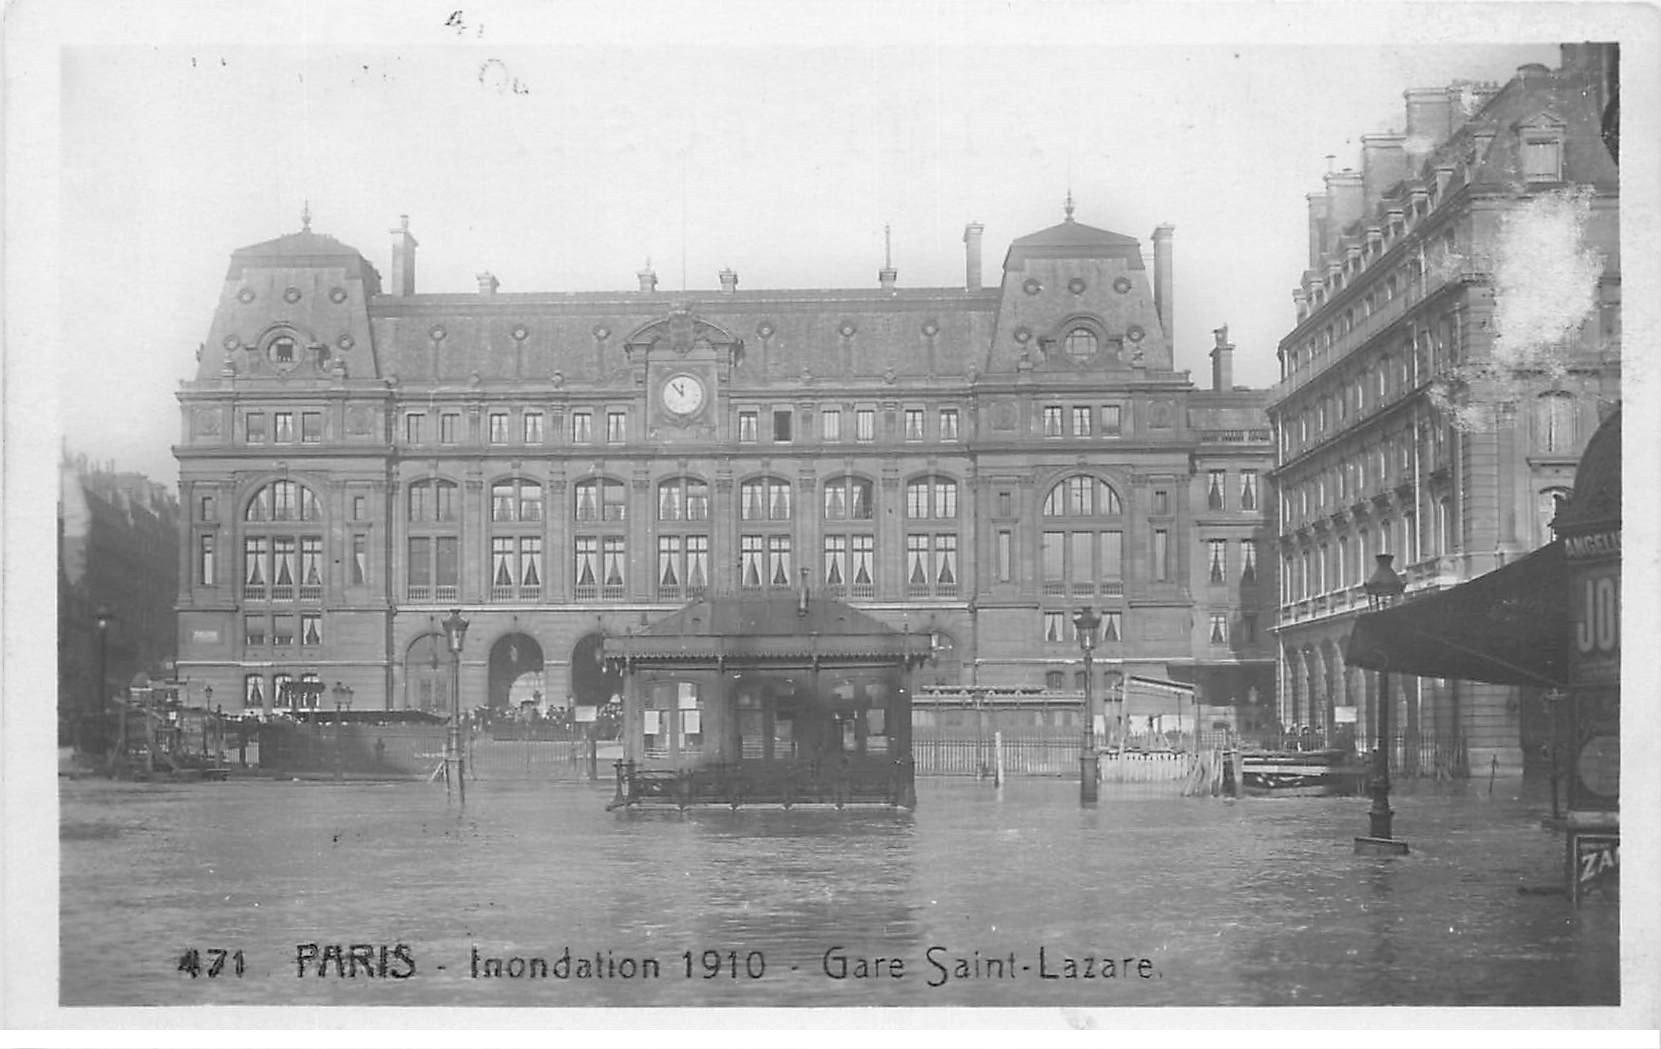 carte postale ancienne INONDATION DE PARIS 1910. Gare Saint-Lazare. Edition Rose. Petit frotis